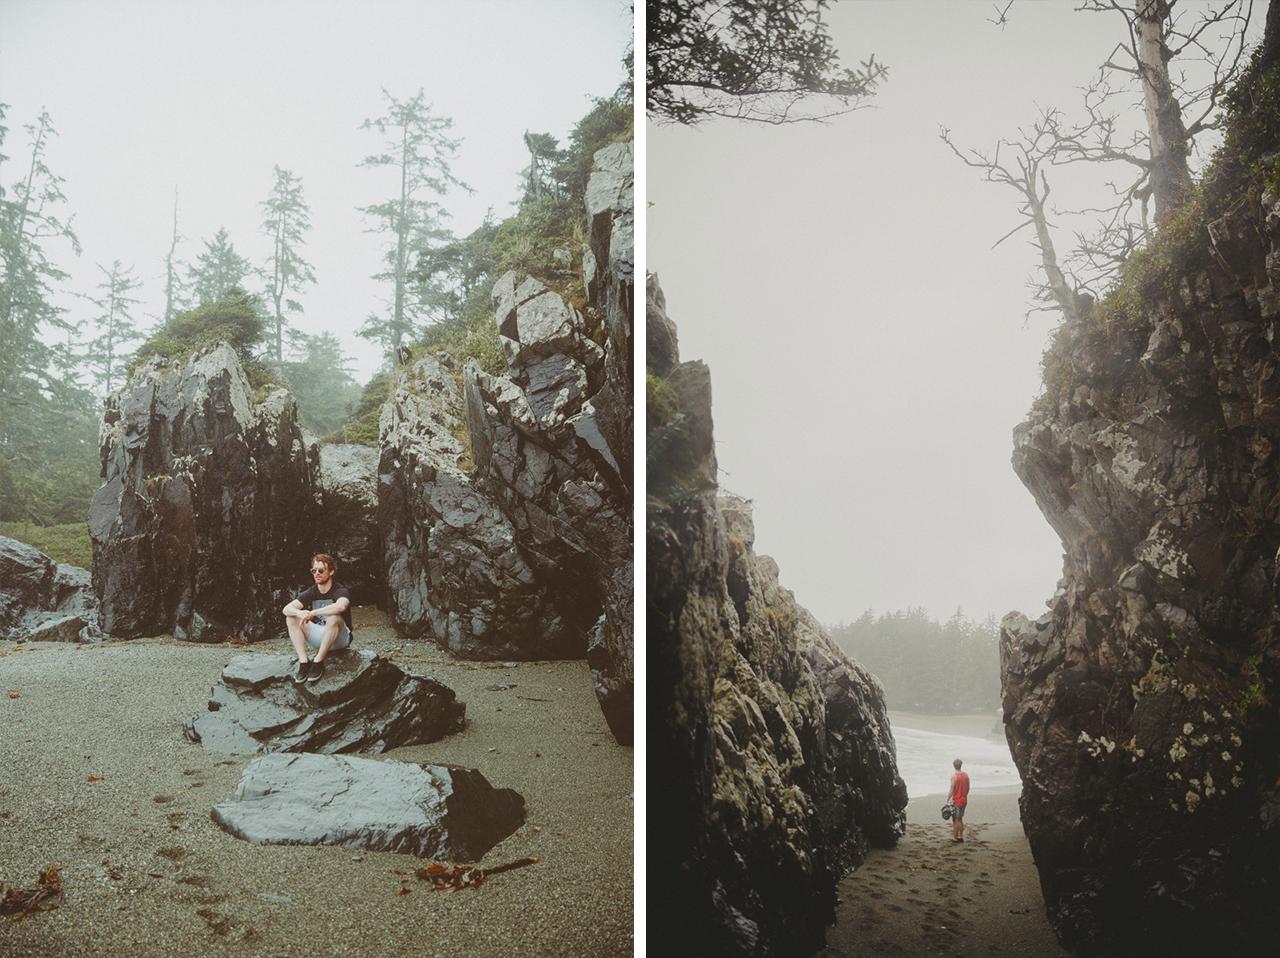 v-campbrandgoods-lifestyle-photographer-mikeseehagel-09